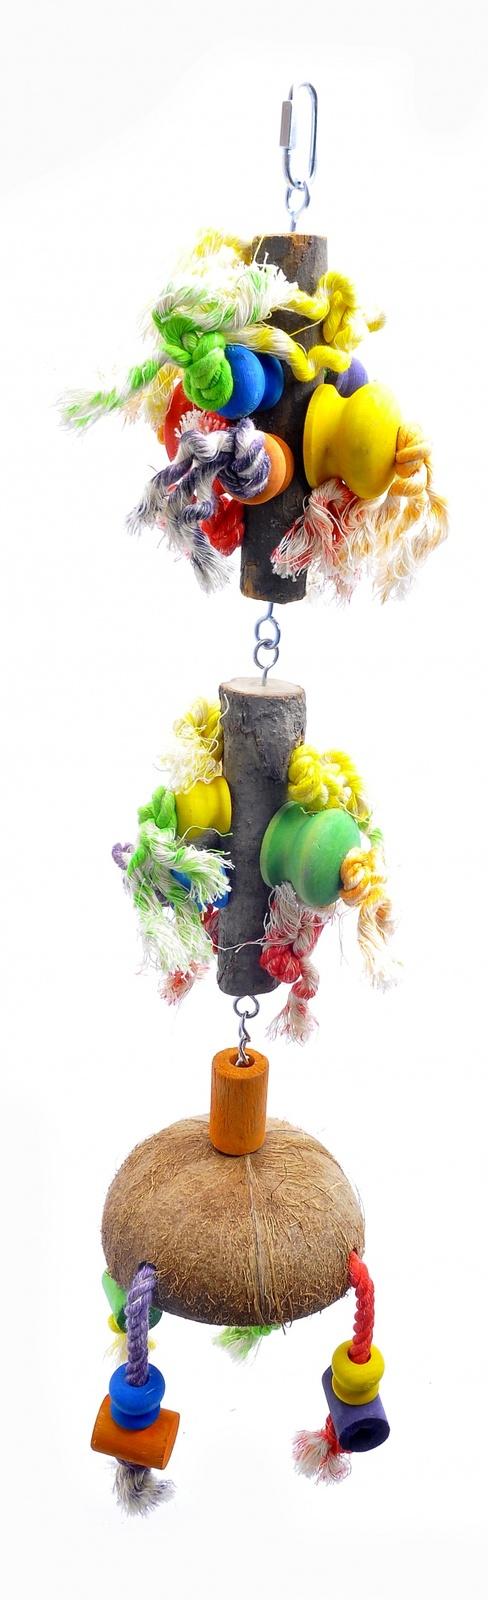 """Benelux Игрушка-дразнилка для длиннохвостых попугаев """"Малая Фантазия"""" малая 13*13*80 см (Coco toy xxl for parrot/parrakeet Fantasy) 14216 от Ravta"""